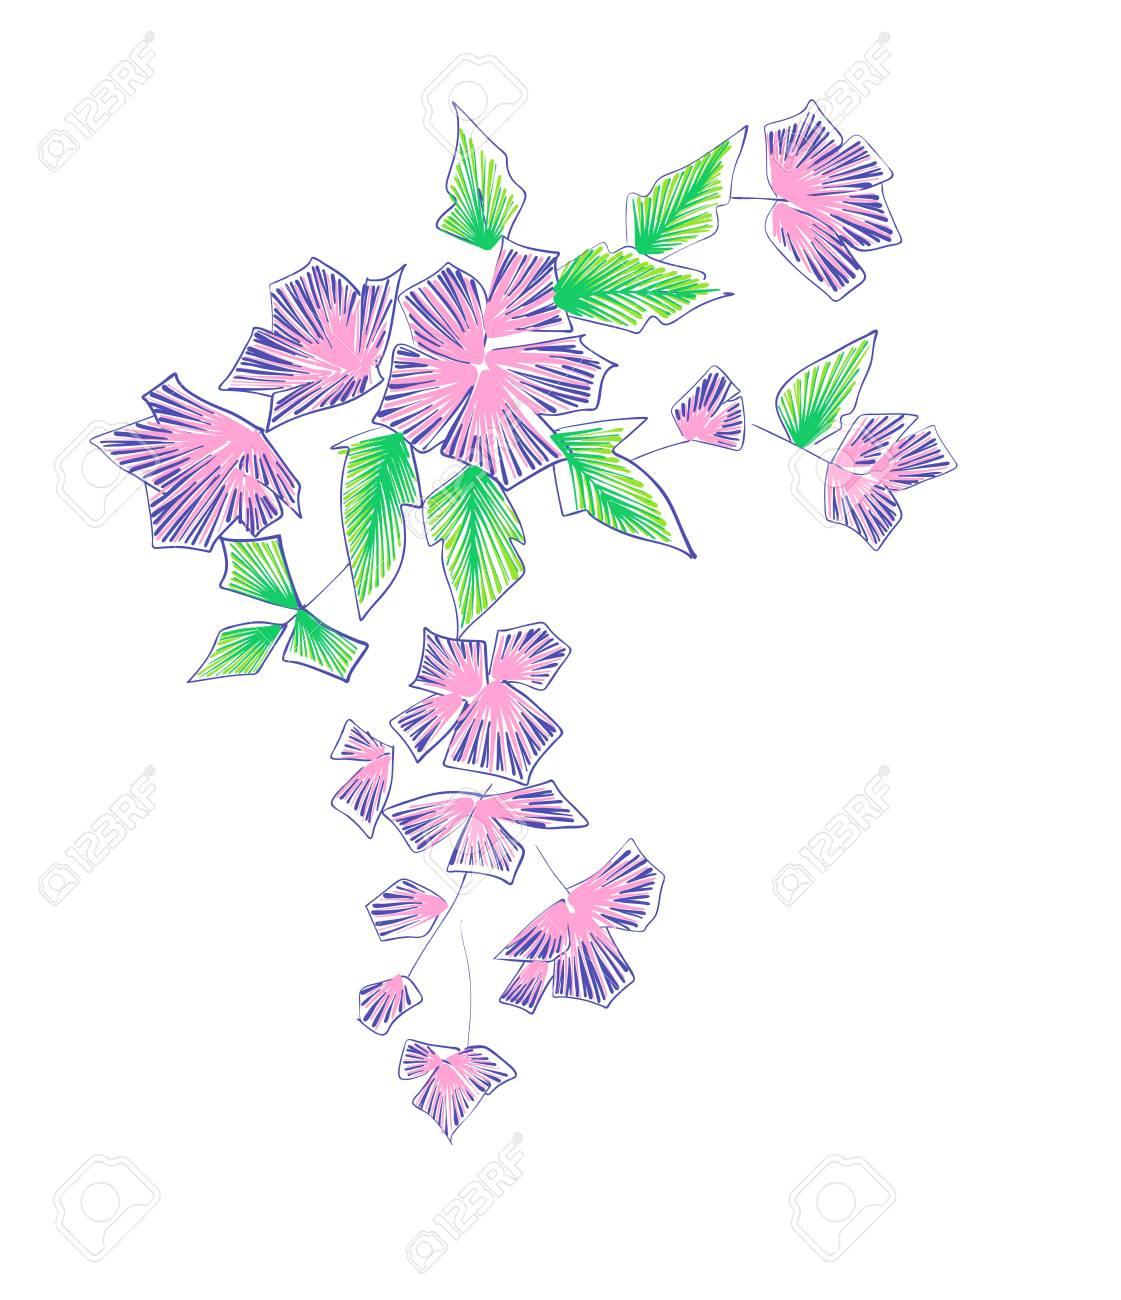 Patrón Floral Con Flores De Fantasía Aislado En Blanco. Arte Lineal ...